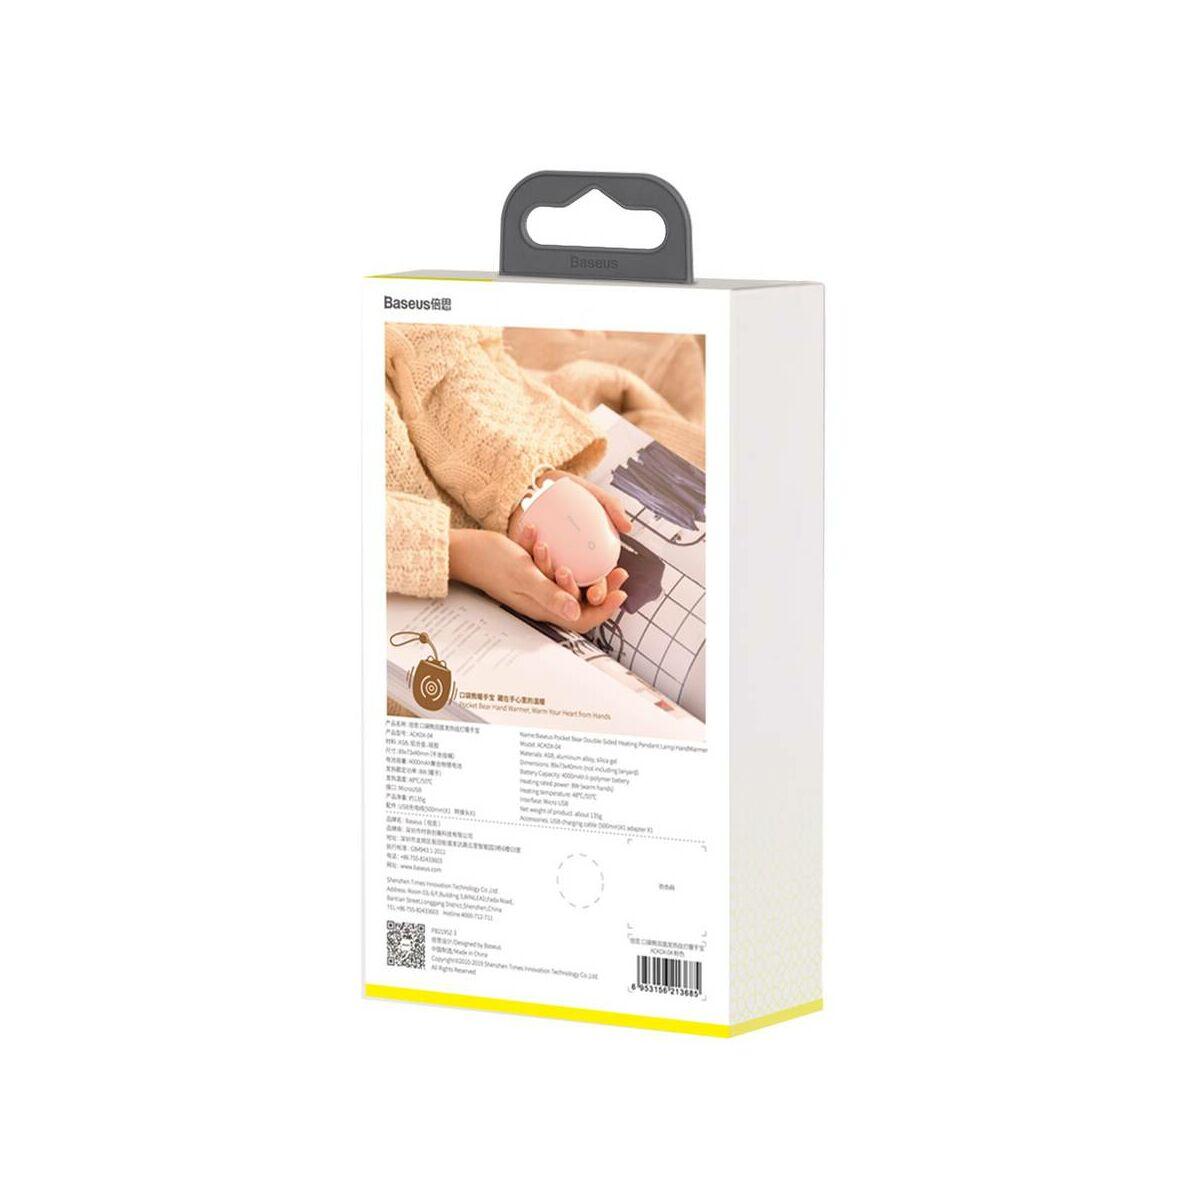 Baseus kézmelegítő két kezes Pocket Bear tölthető, zsebben könnyen elfér, kék (ACKDX-06)